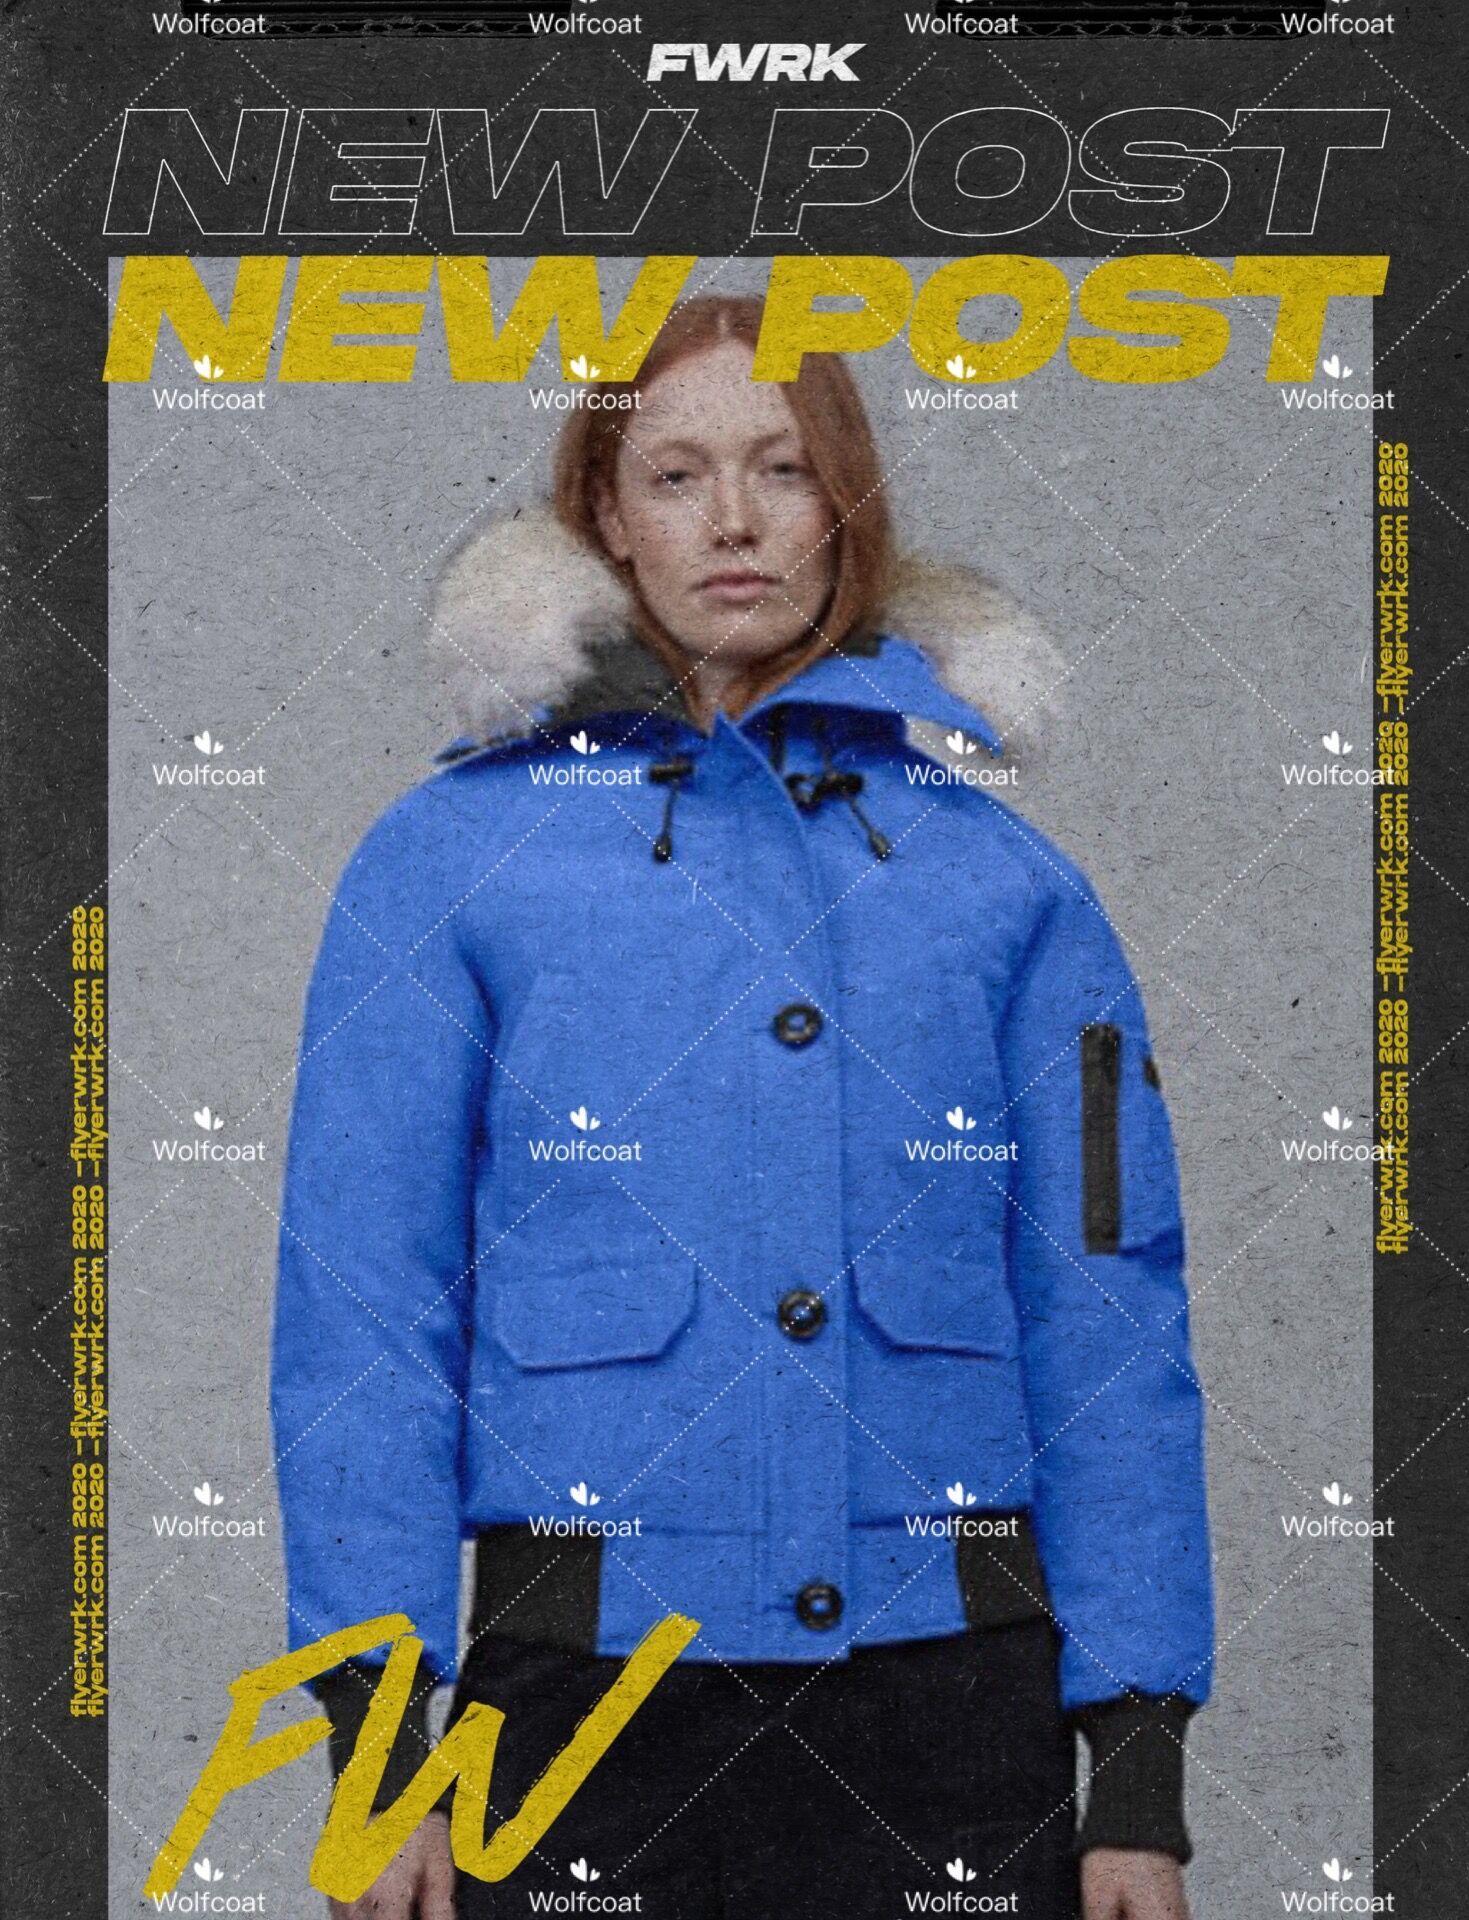 أعلى جودة الجيدة ستر الشتاء الكلاسيكية الإناث أسفل معطف المرأة الملابس اللون معطف سترة سترة سستة الأزياء